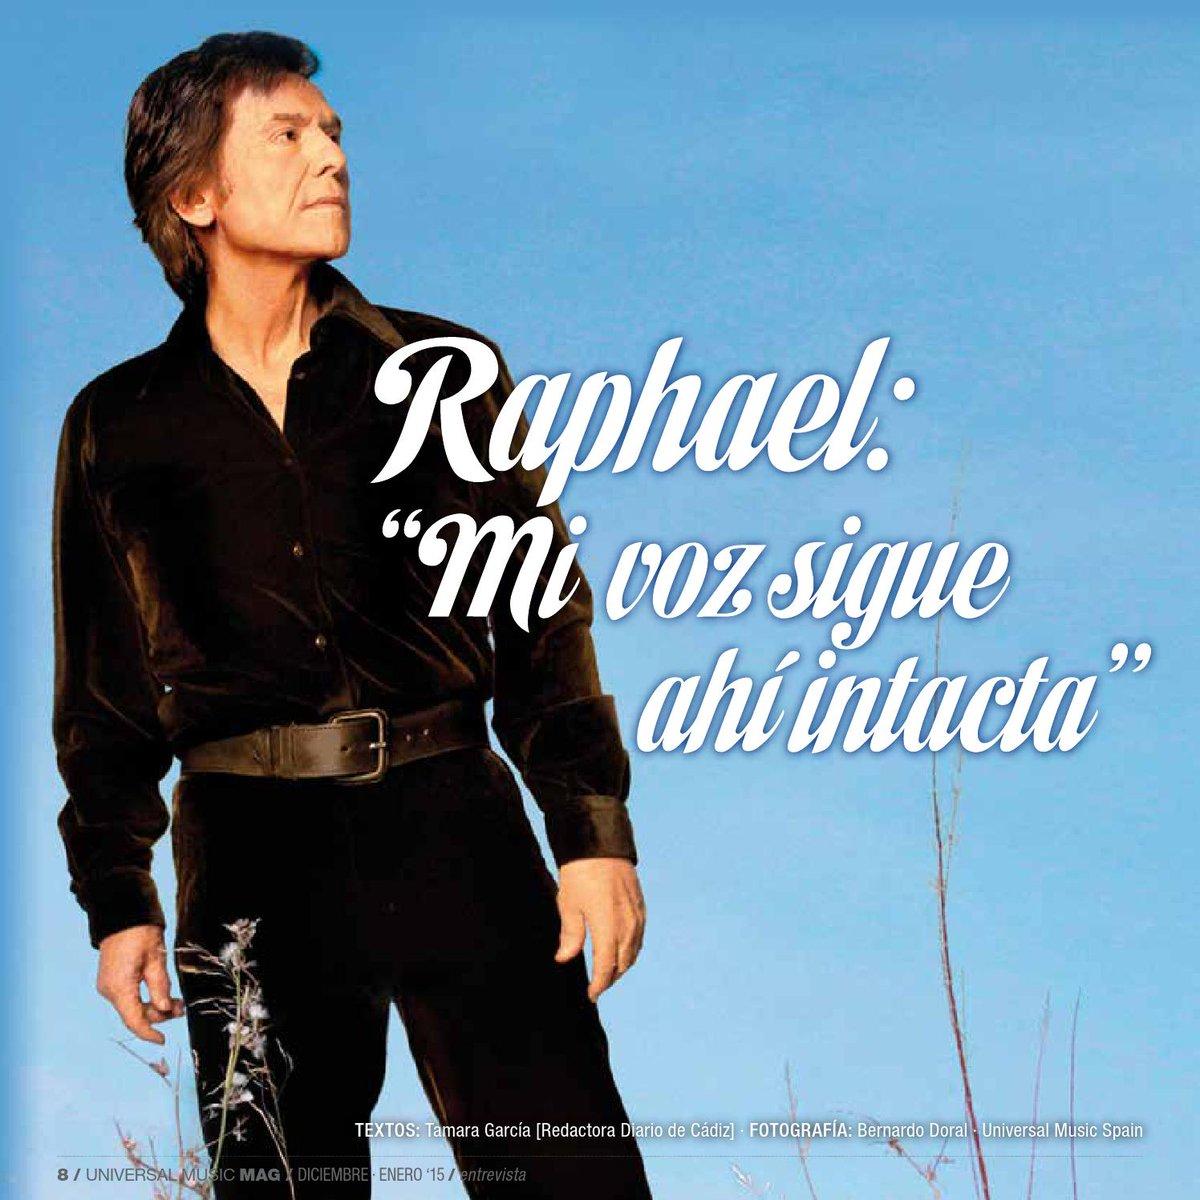 испанский певец Рафаэль